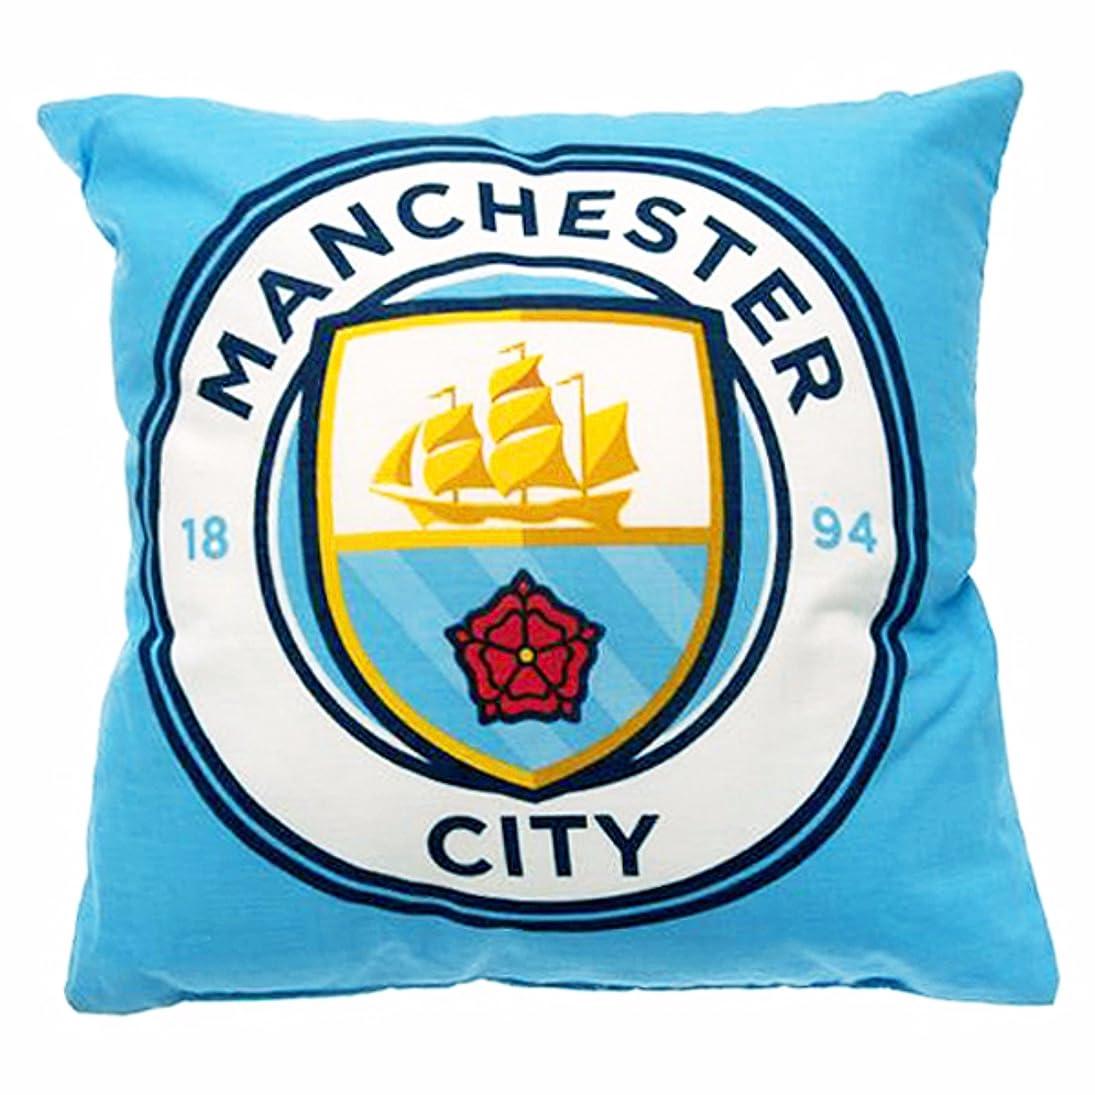 ブラウザ卵プロジェクターマンチェスター?シティ フットボールクラブ Manchester City FC オフィシャル商品 クレスト クッション